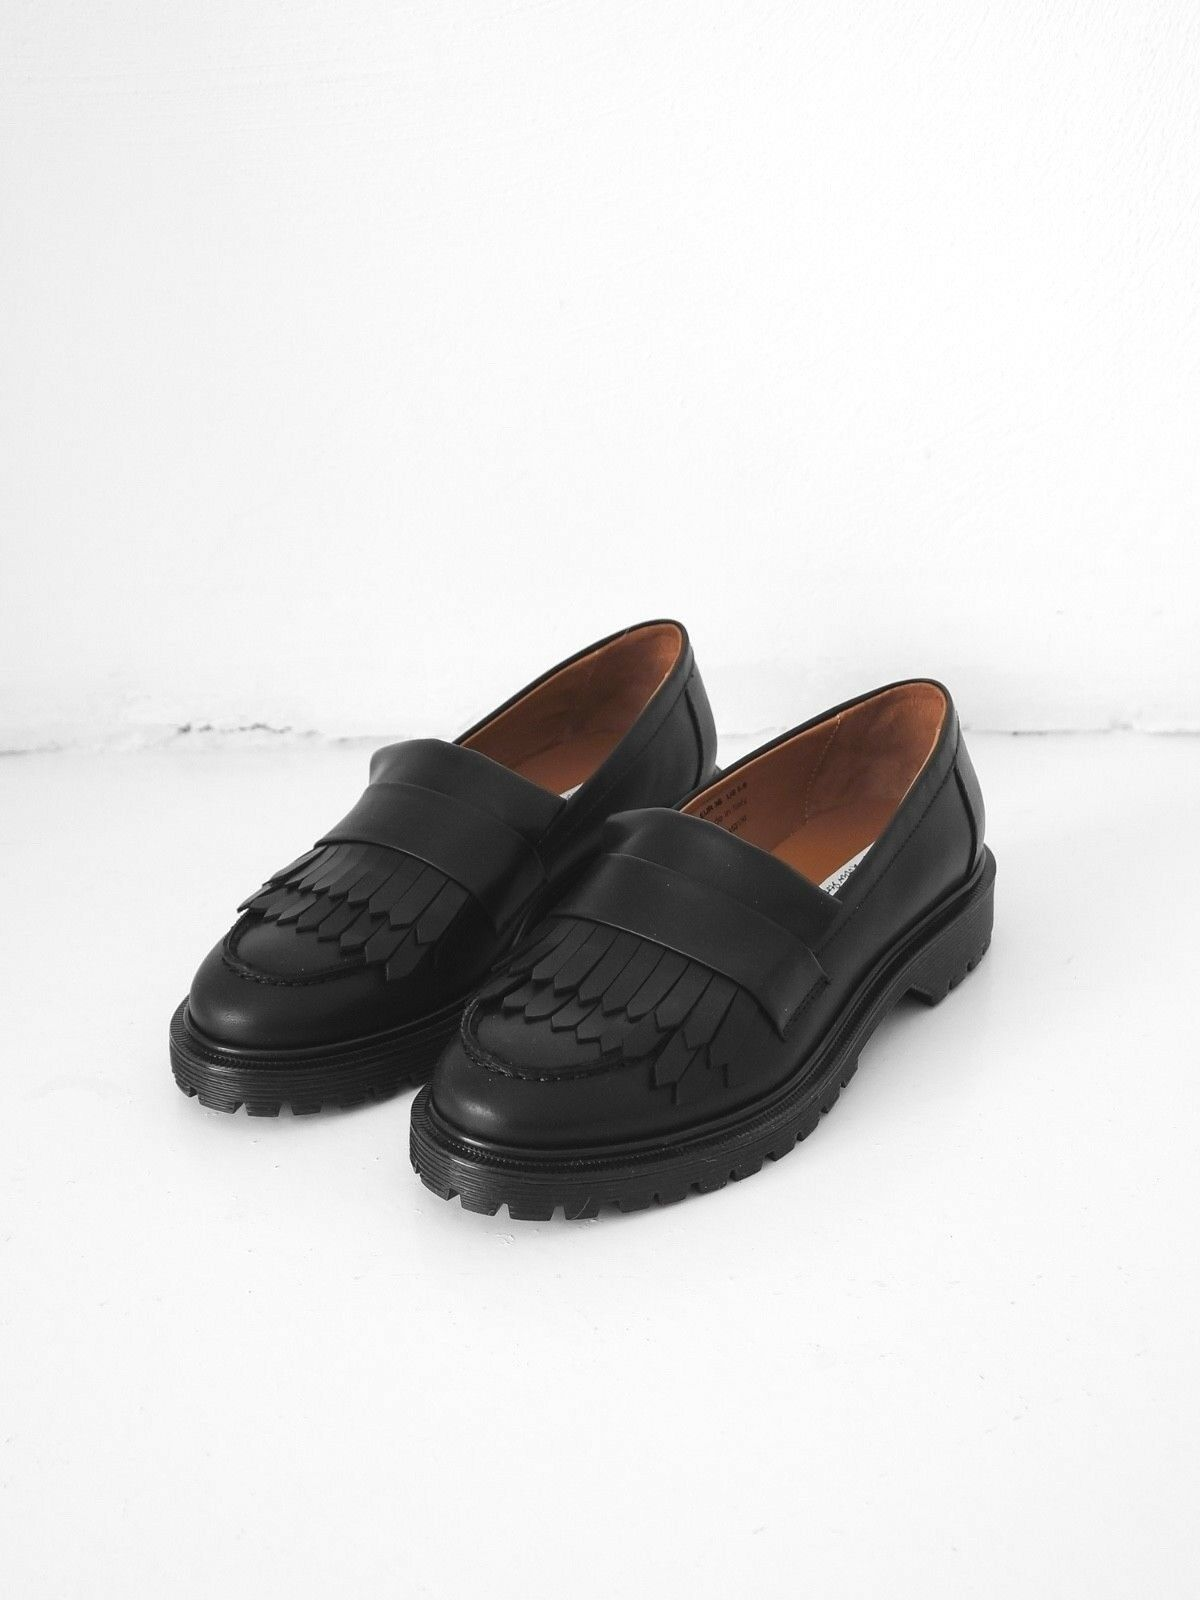 HOF115  & Other Stories Halbschuhe leder   Leather fringe loafer black 36 UK 3.5